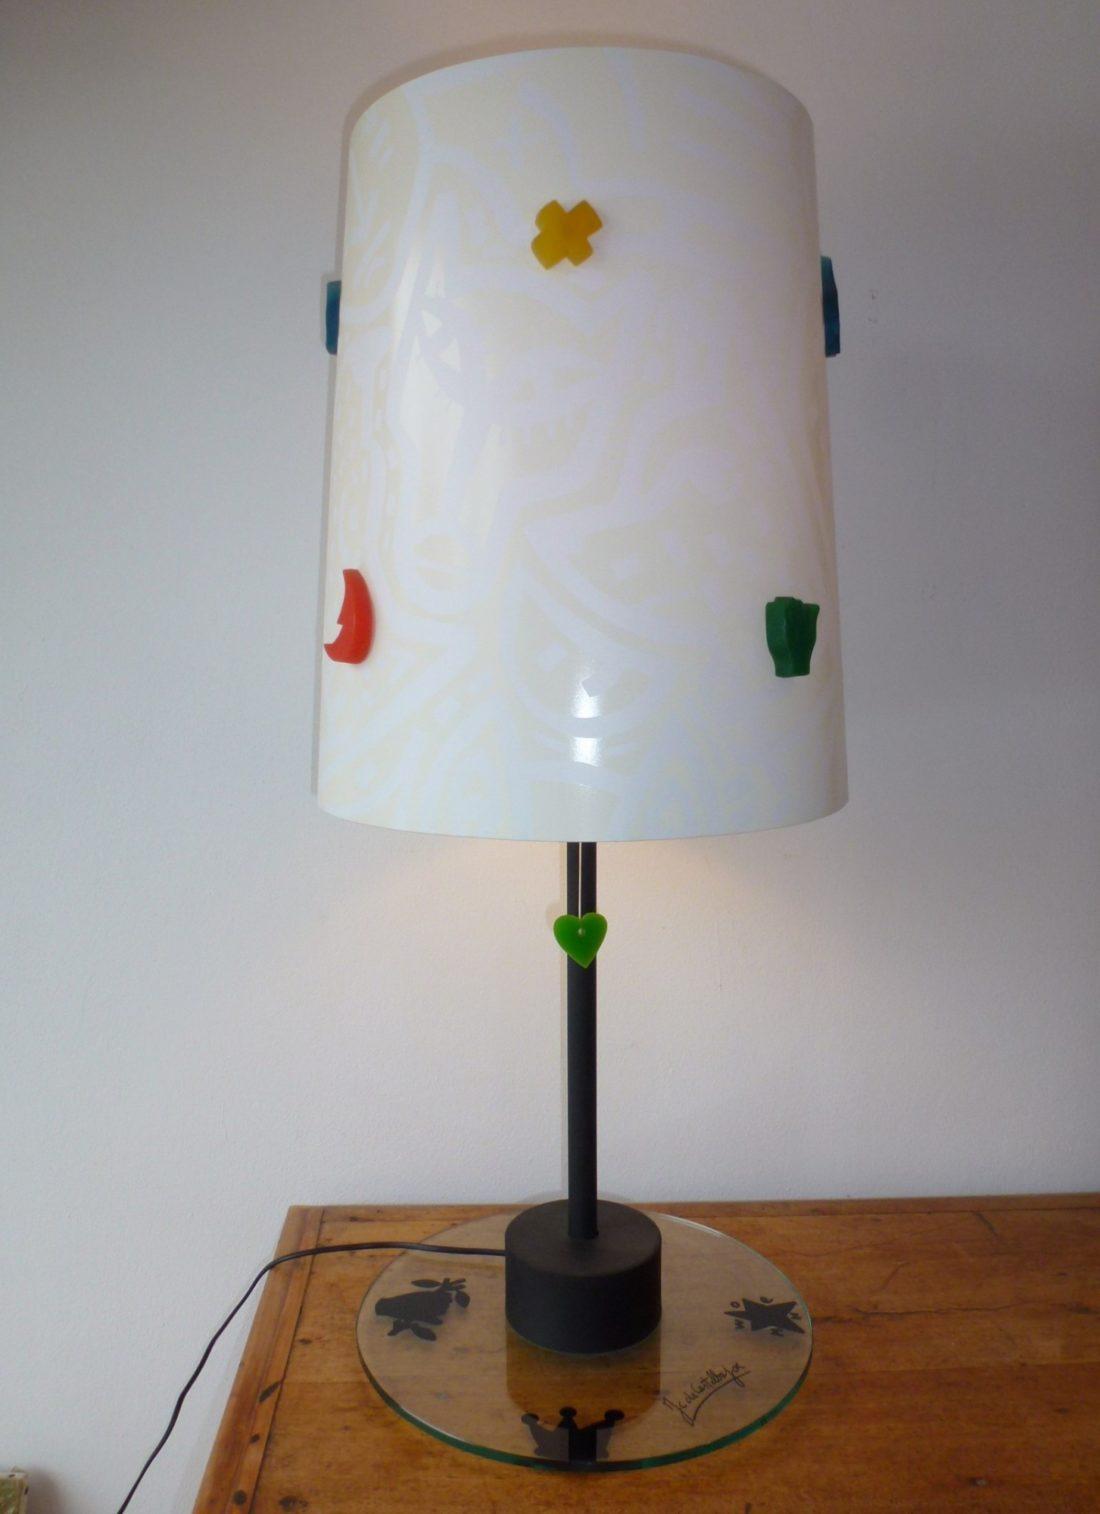 lampe par Jean Charles de Castelbajac ,base en verre et abat jour décoré de pièces en résine